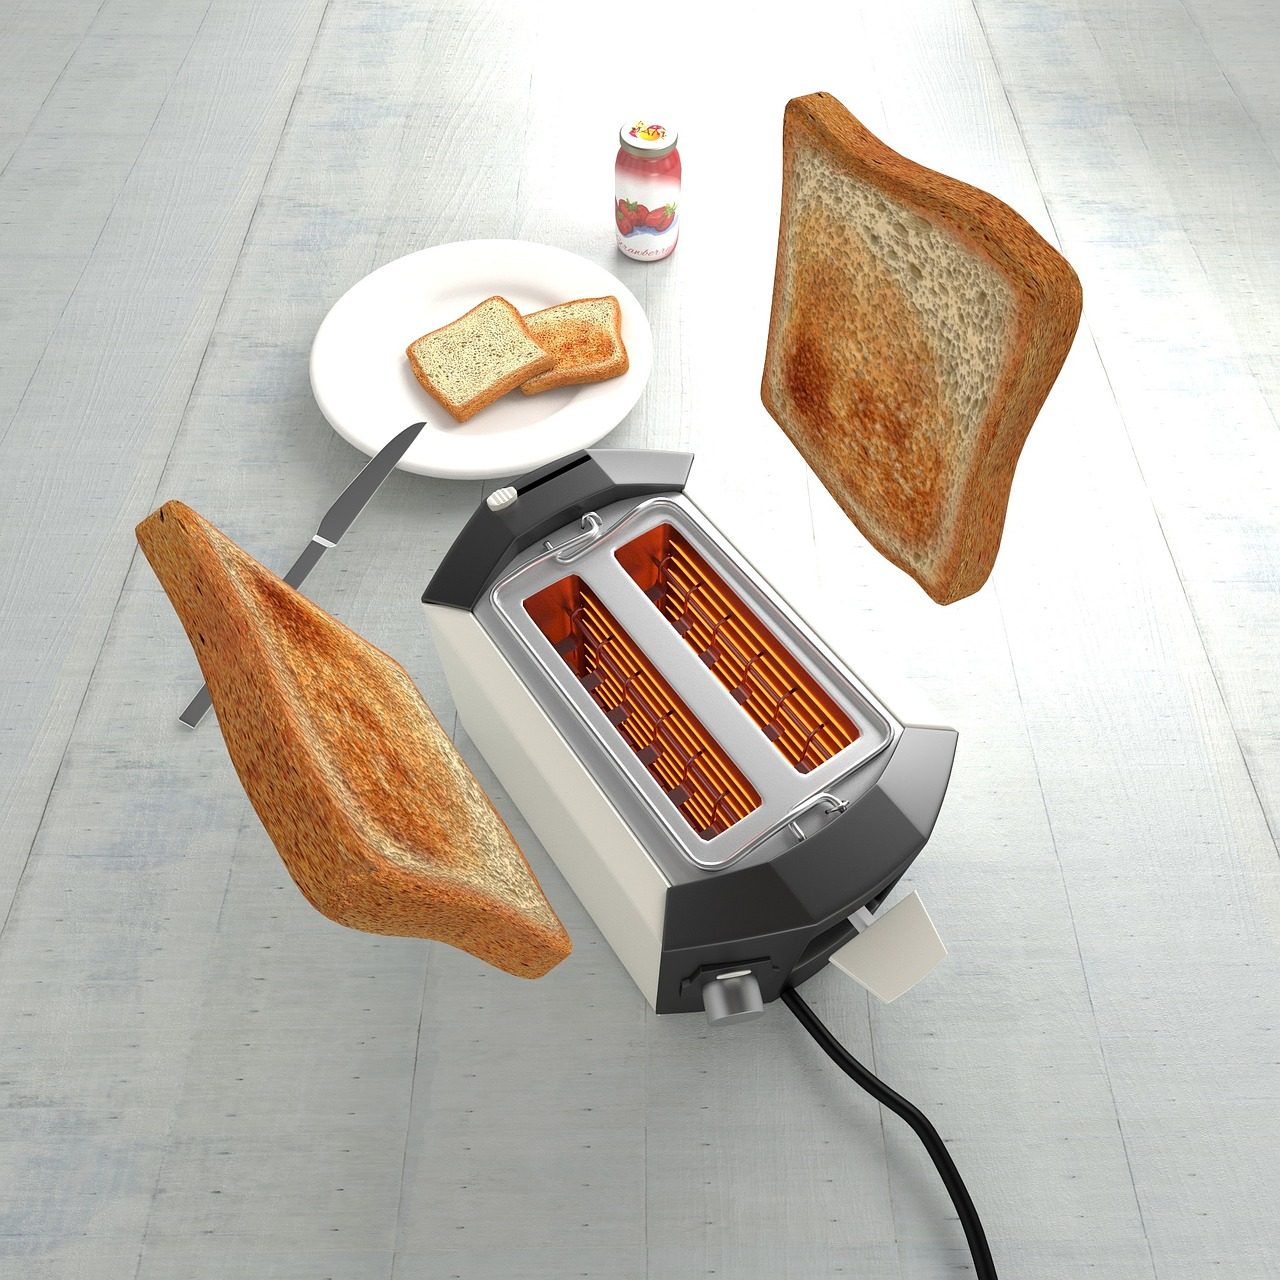 Tostadora tostadas